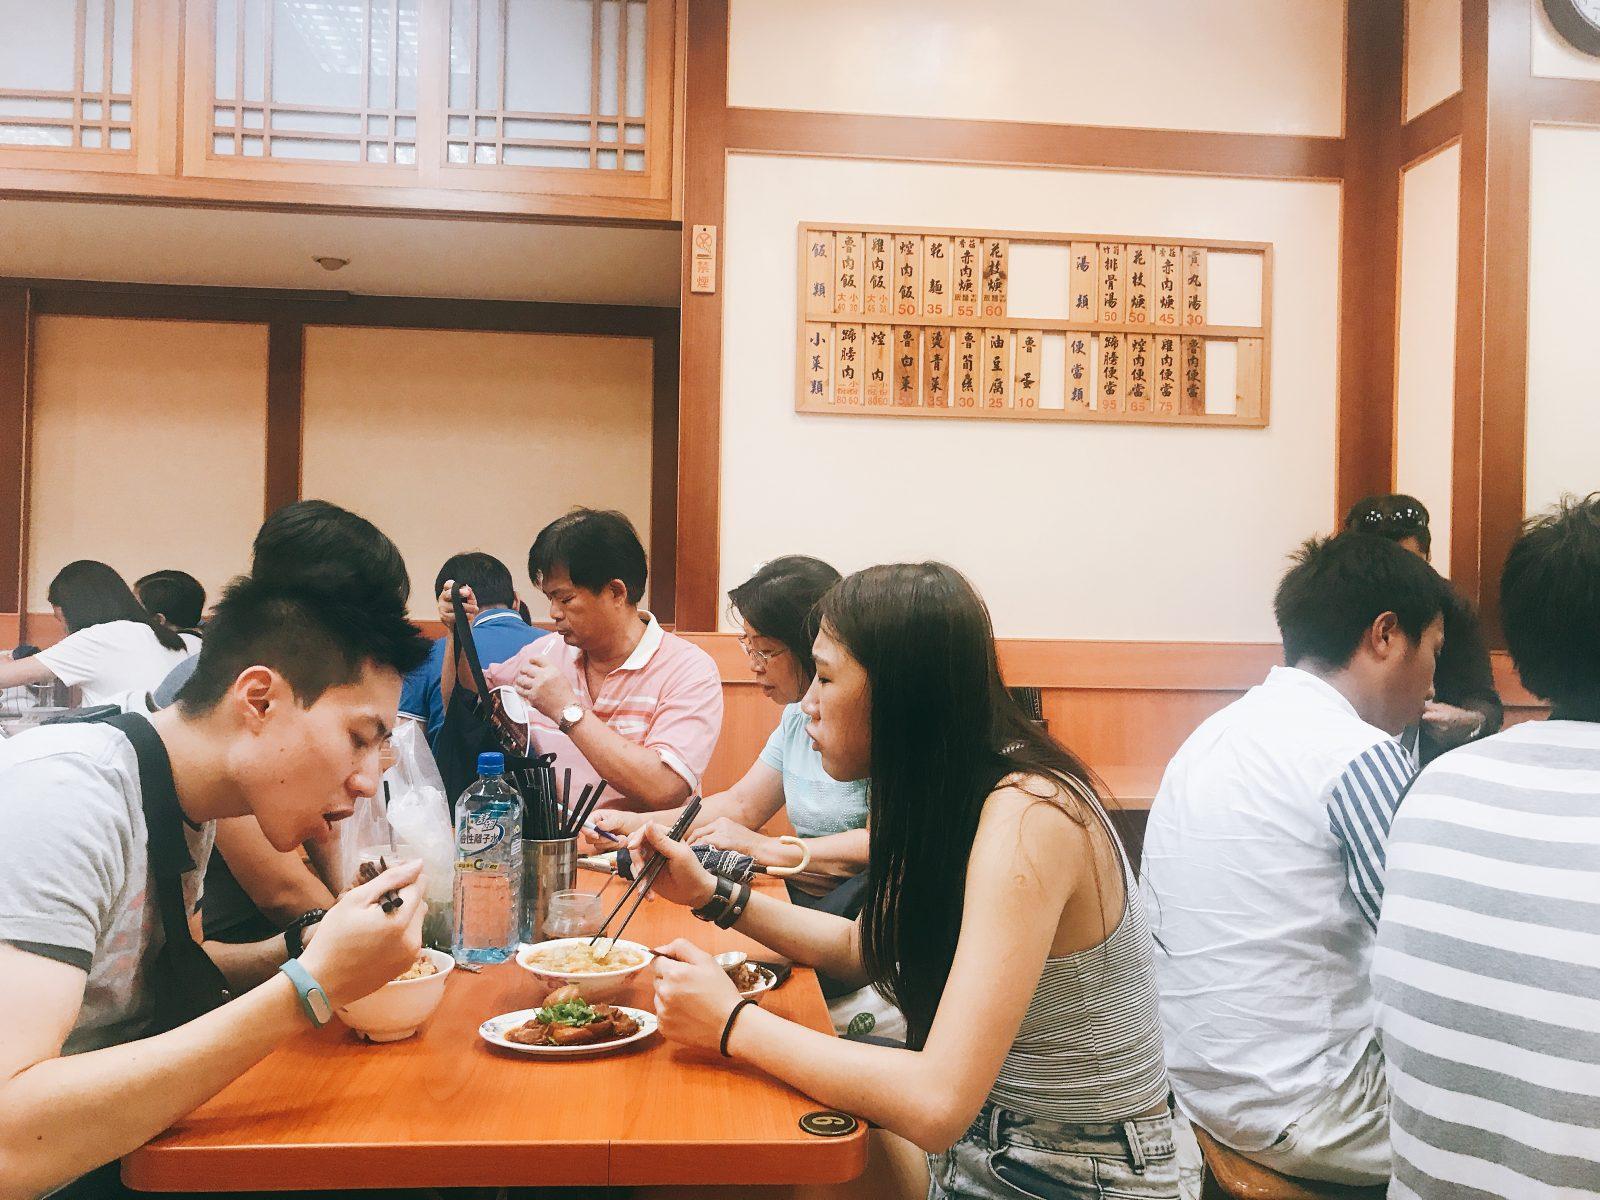 台湾「ひとり飯」ならココ!台北っ子に人気のグルメスポット3選